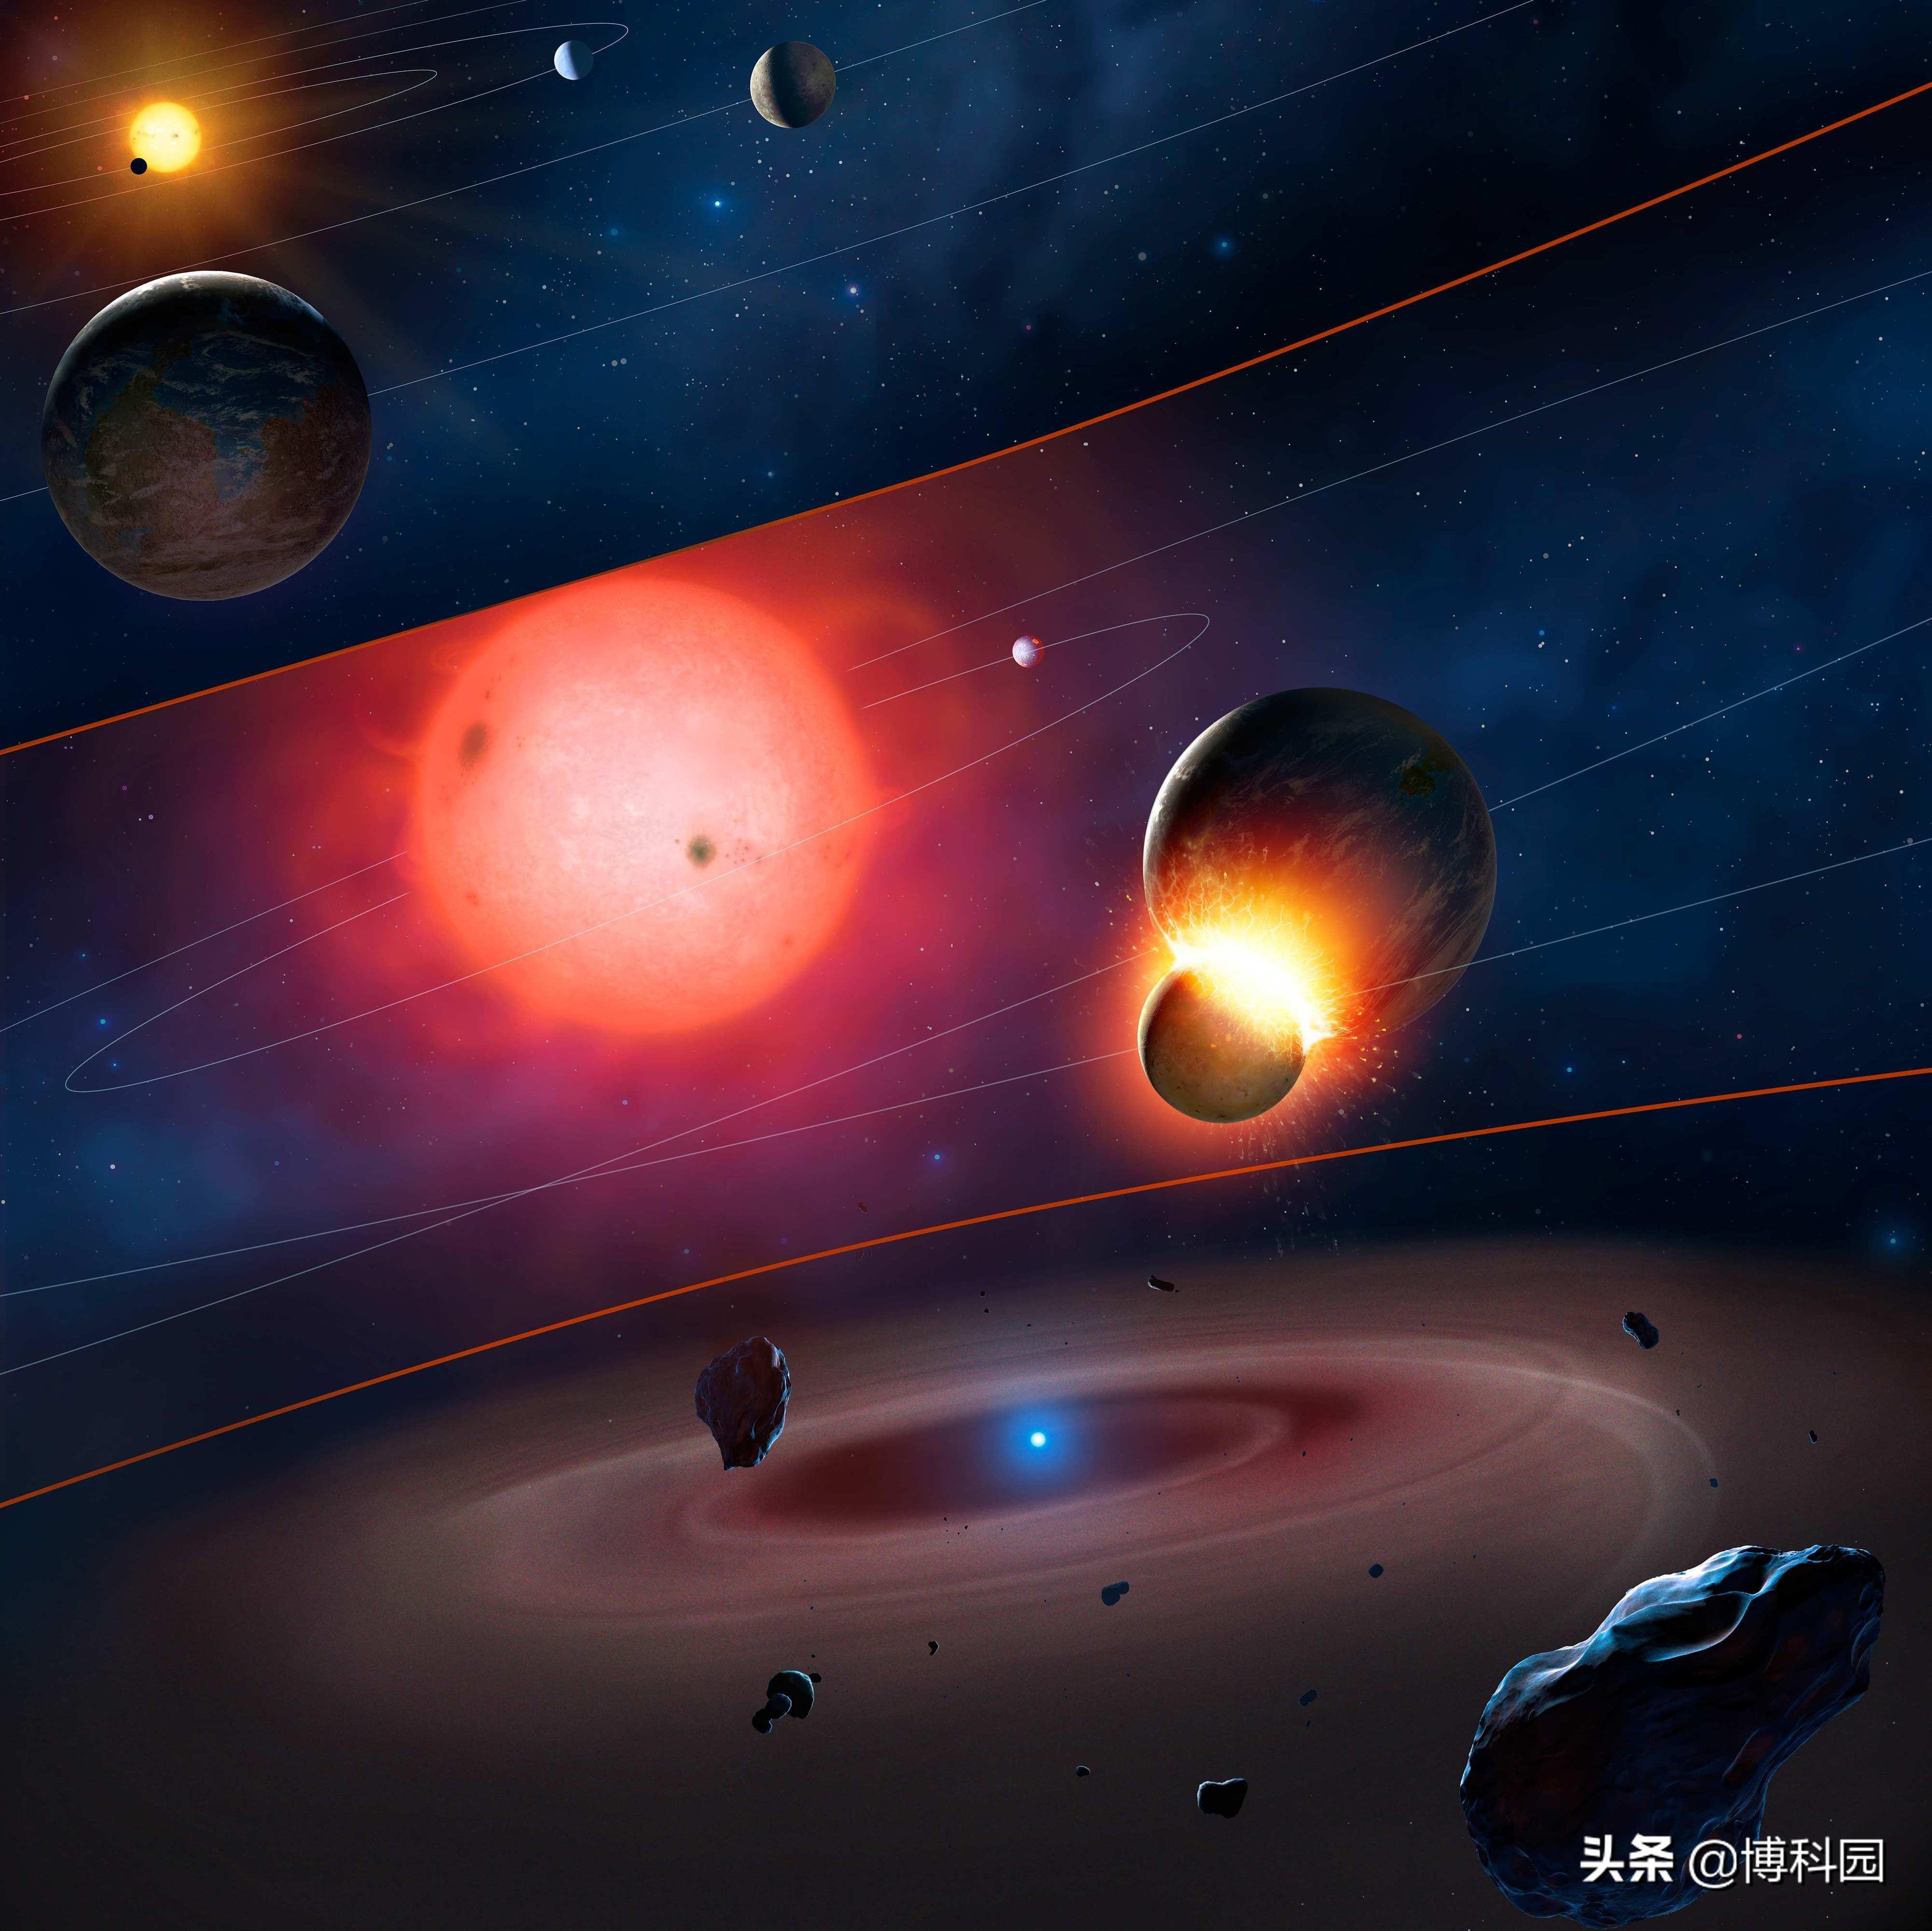 相距4.86亿千米的白矮星和红矮星产生的新日食灾变!